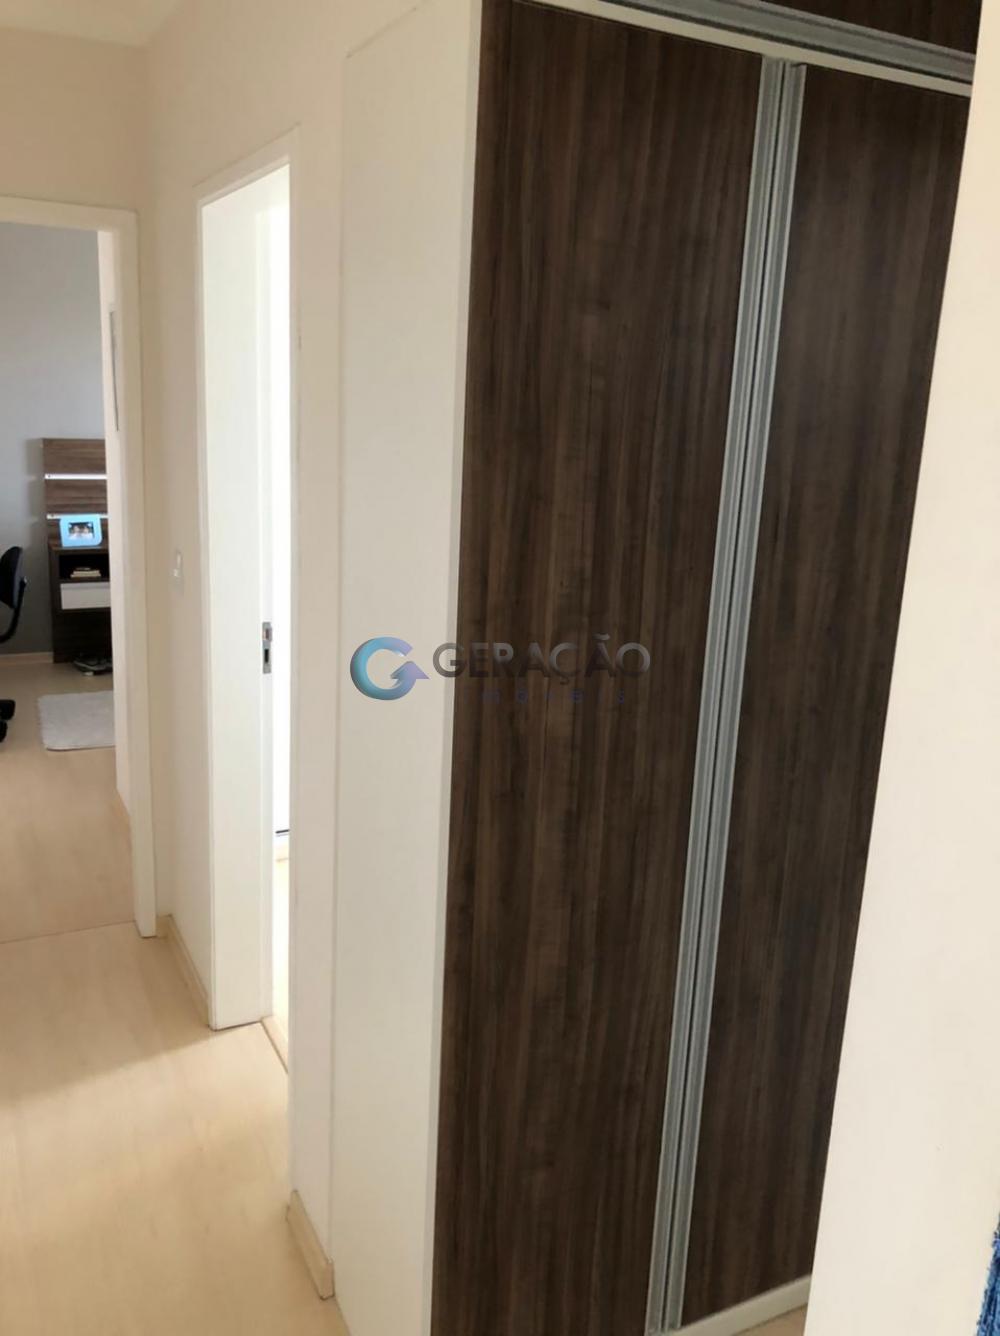 Comprar Apartamento / Padrão em São José dos Campos R$ 234.000,00 - Foto 11